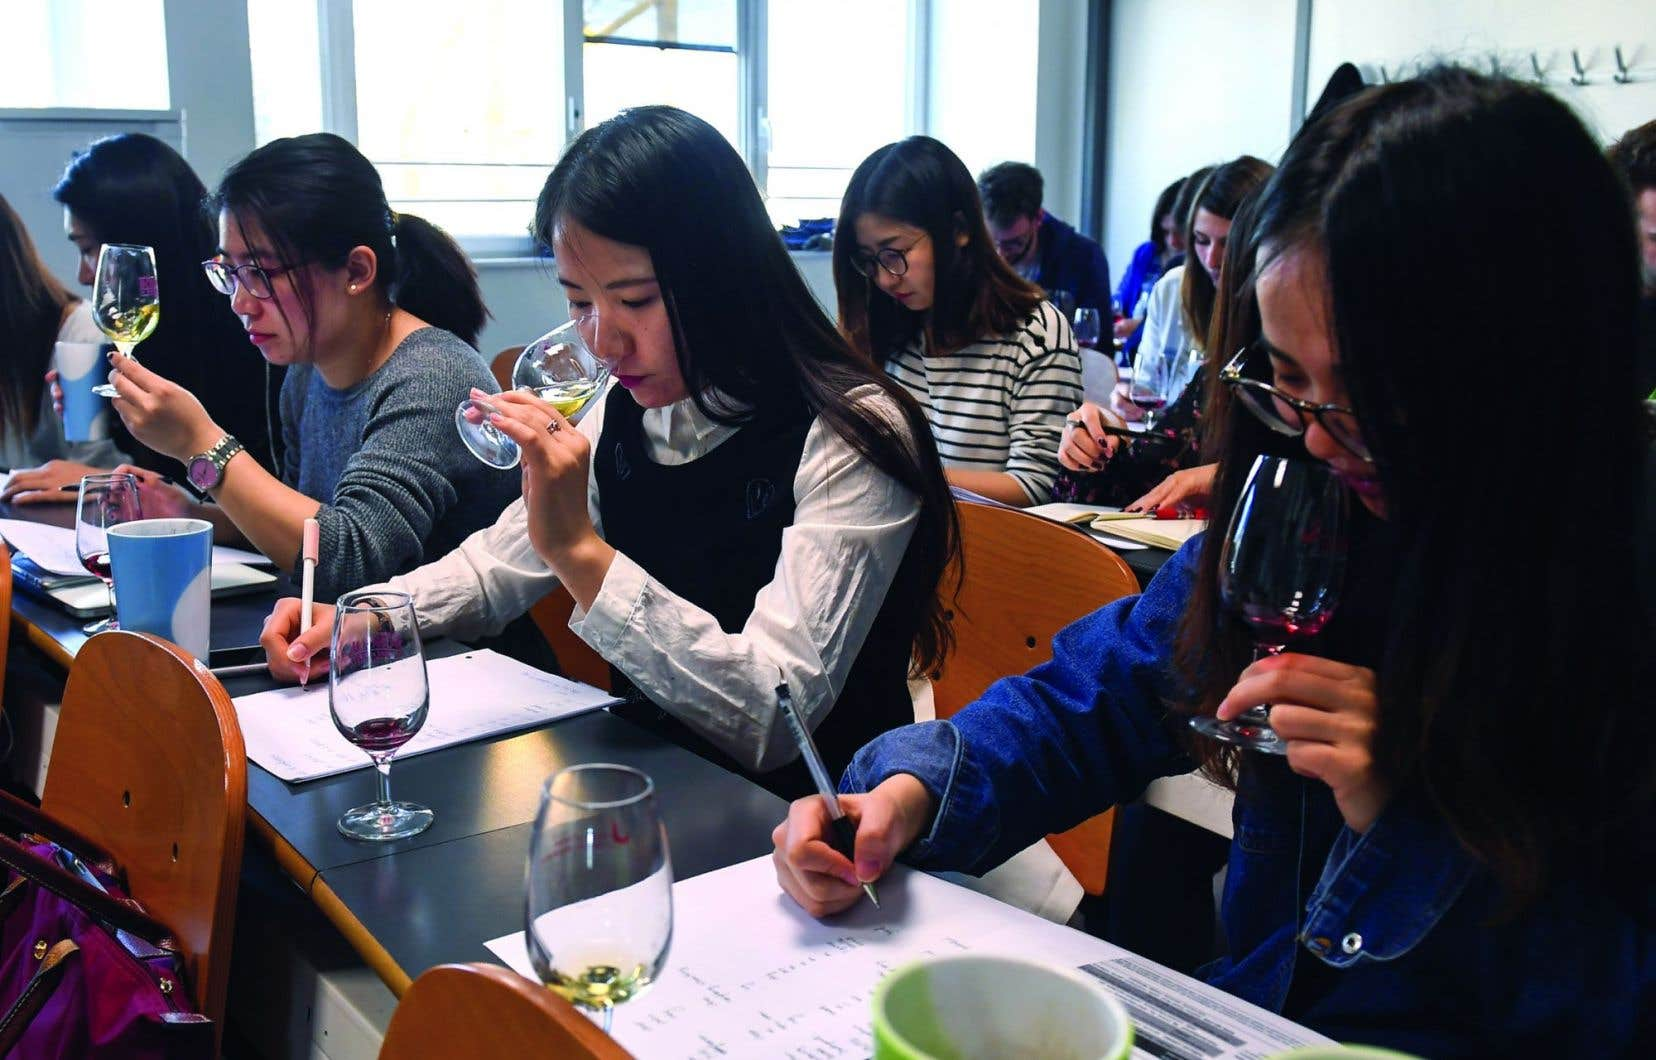 Des étudiants dans un cours de dégustation du vin à la School of Wine de Dijon